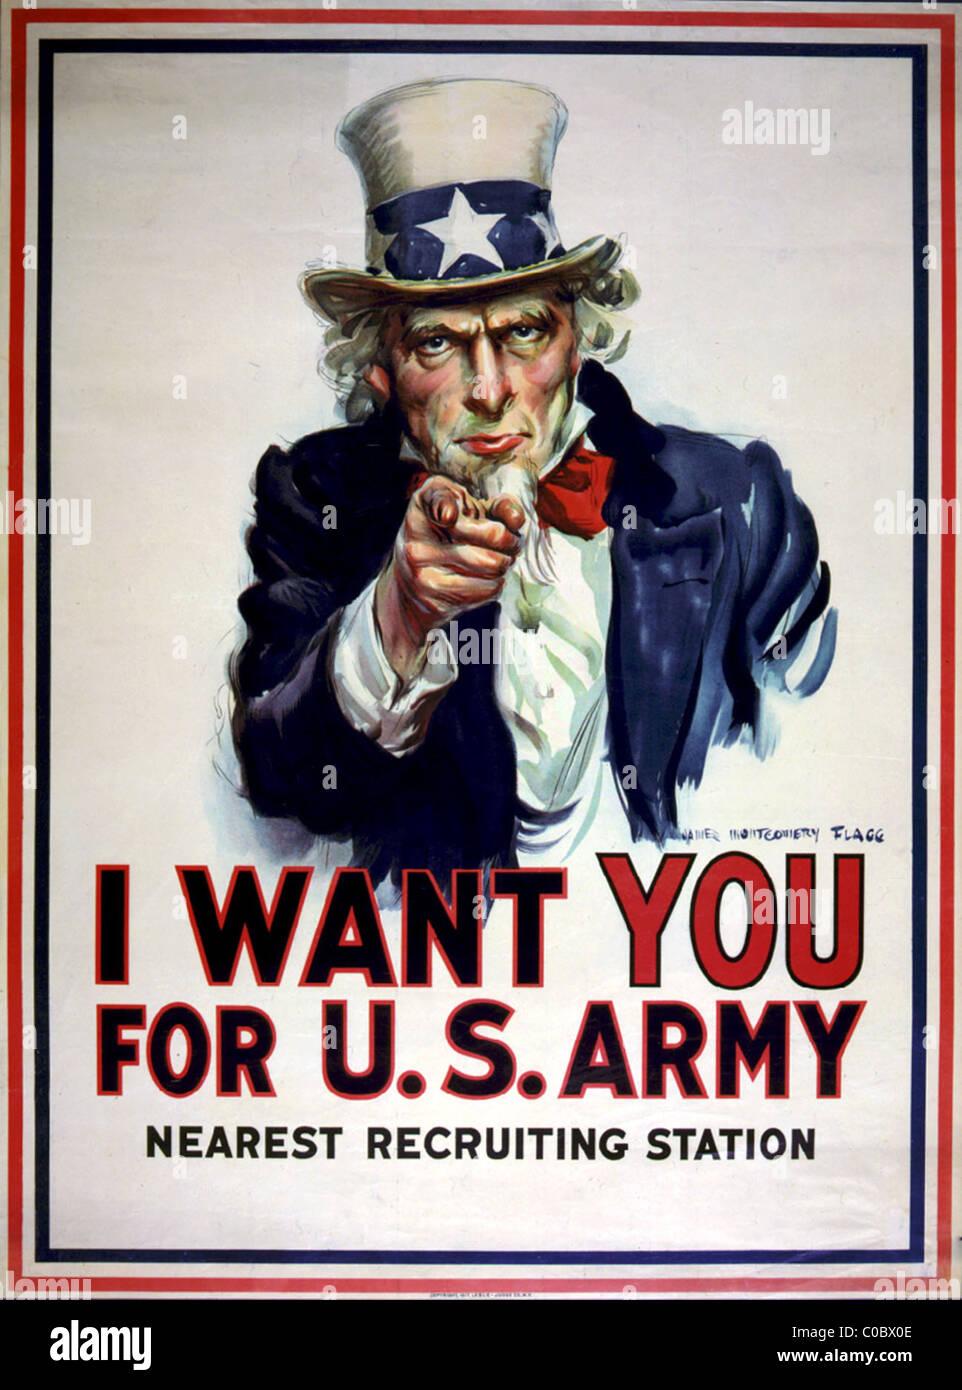 Lo zio Sam poster di reclutamento per gli Stati Uniti Esercito Immagini Stock